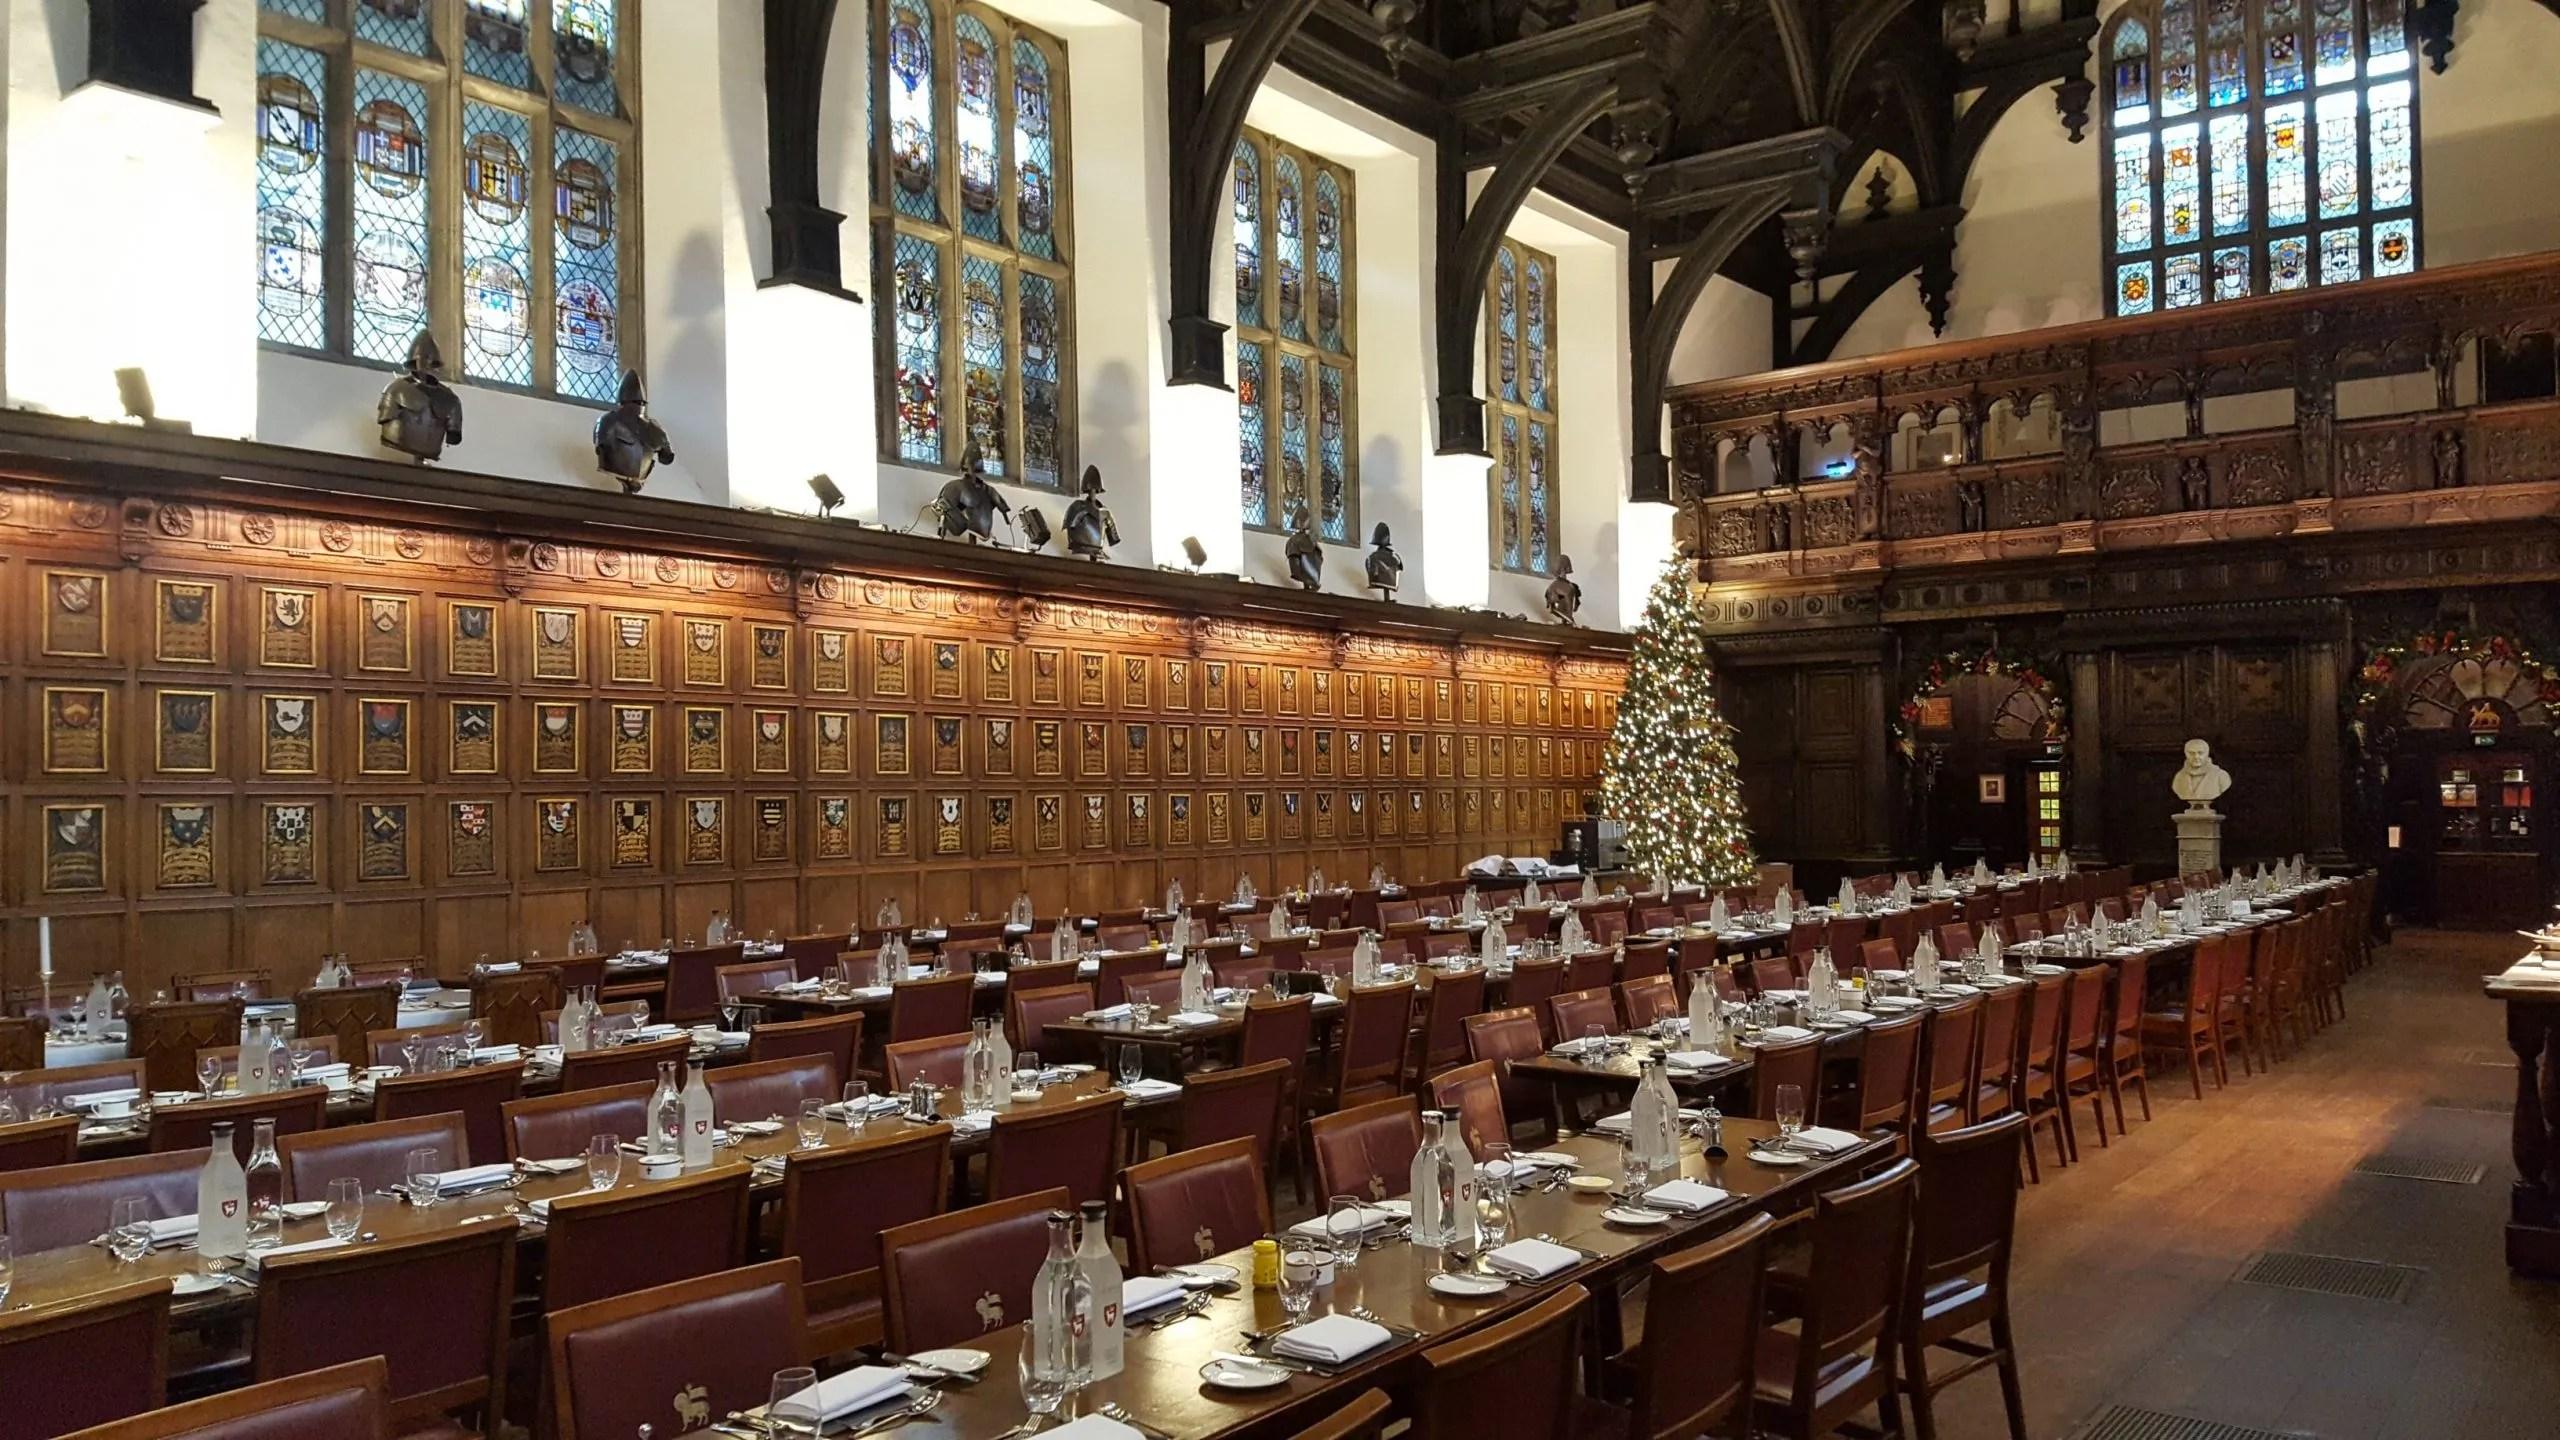 Hogwarts dining room